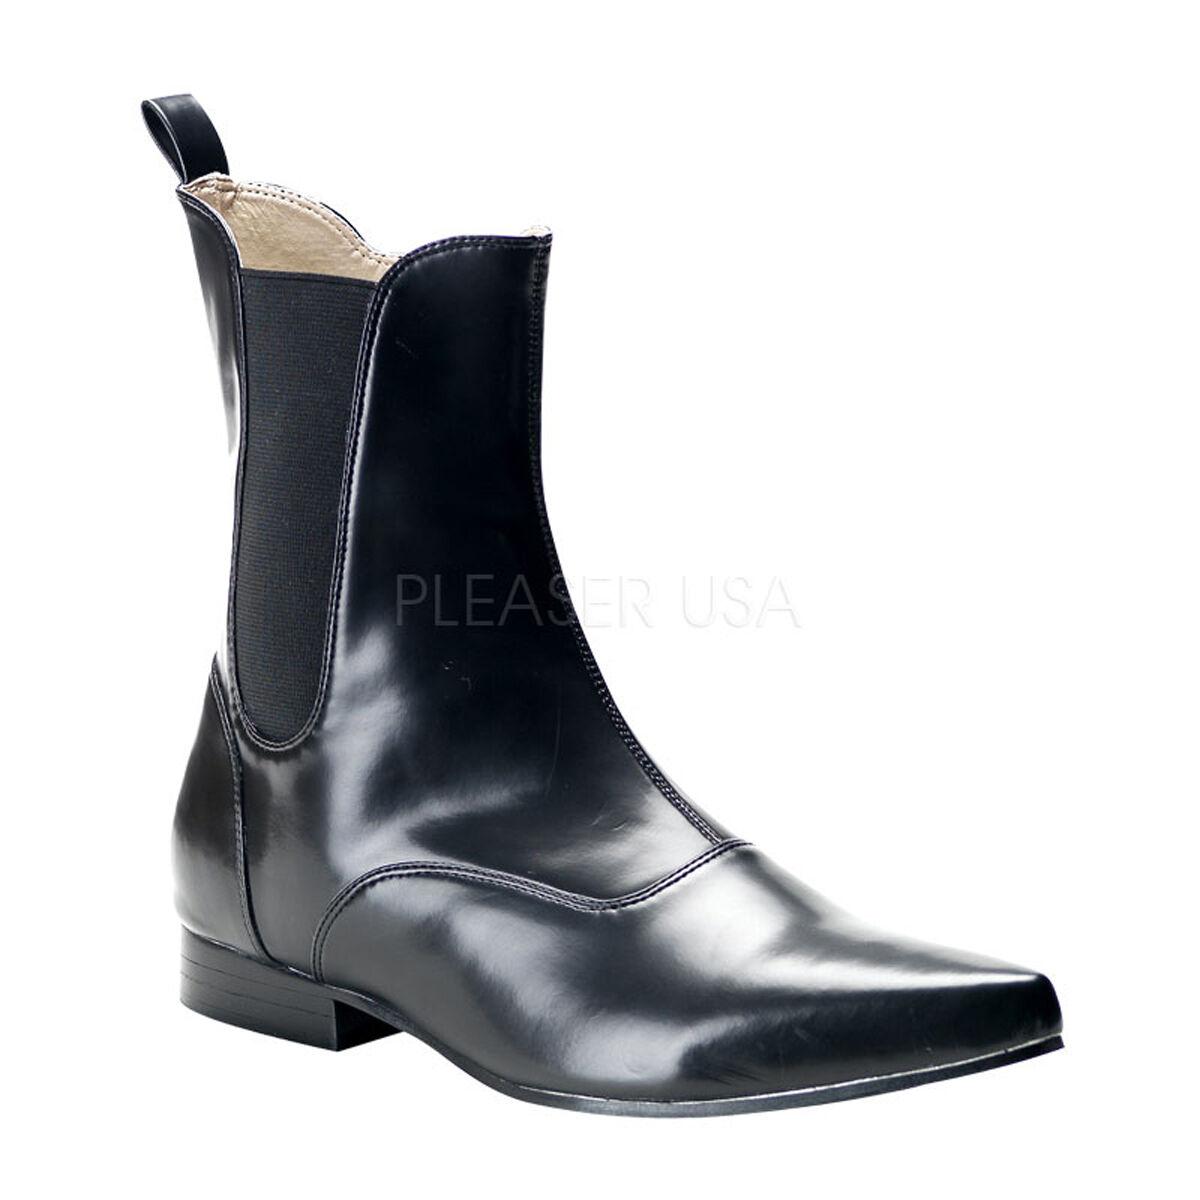 Demonia Brogue-02 Black Winklepicker Beatle Chelsea Elasic Zip Mens Ankle Boots